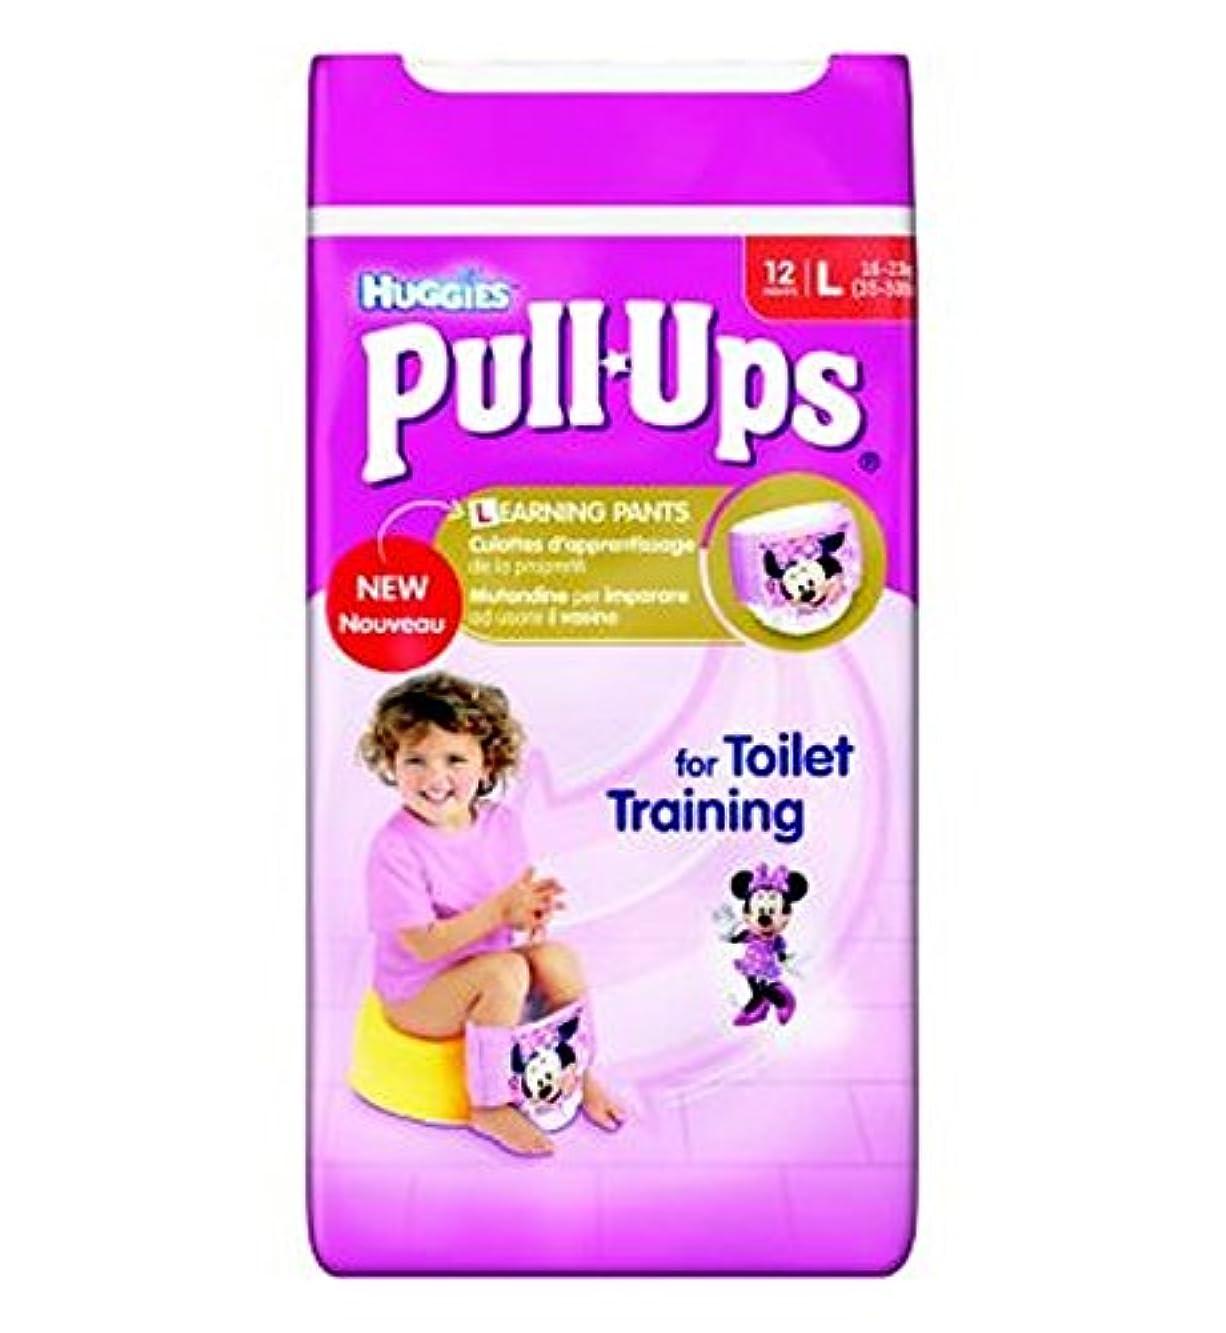 マイルド障害者八百屋さんHuggies?プルUps?ディズニー?プリンセスの女の子サイズ6トイレトレーニングパンツ - 1×12パンツを (Huggies) (x2) - Huggies? Pull-Ups? Disney Princesses Girl Size 6 Potty Training Pants - 1 x 12 Pants (Pack of 2) [並行輸入品]